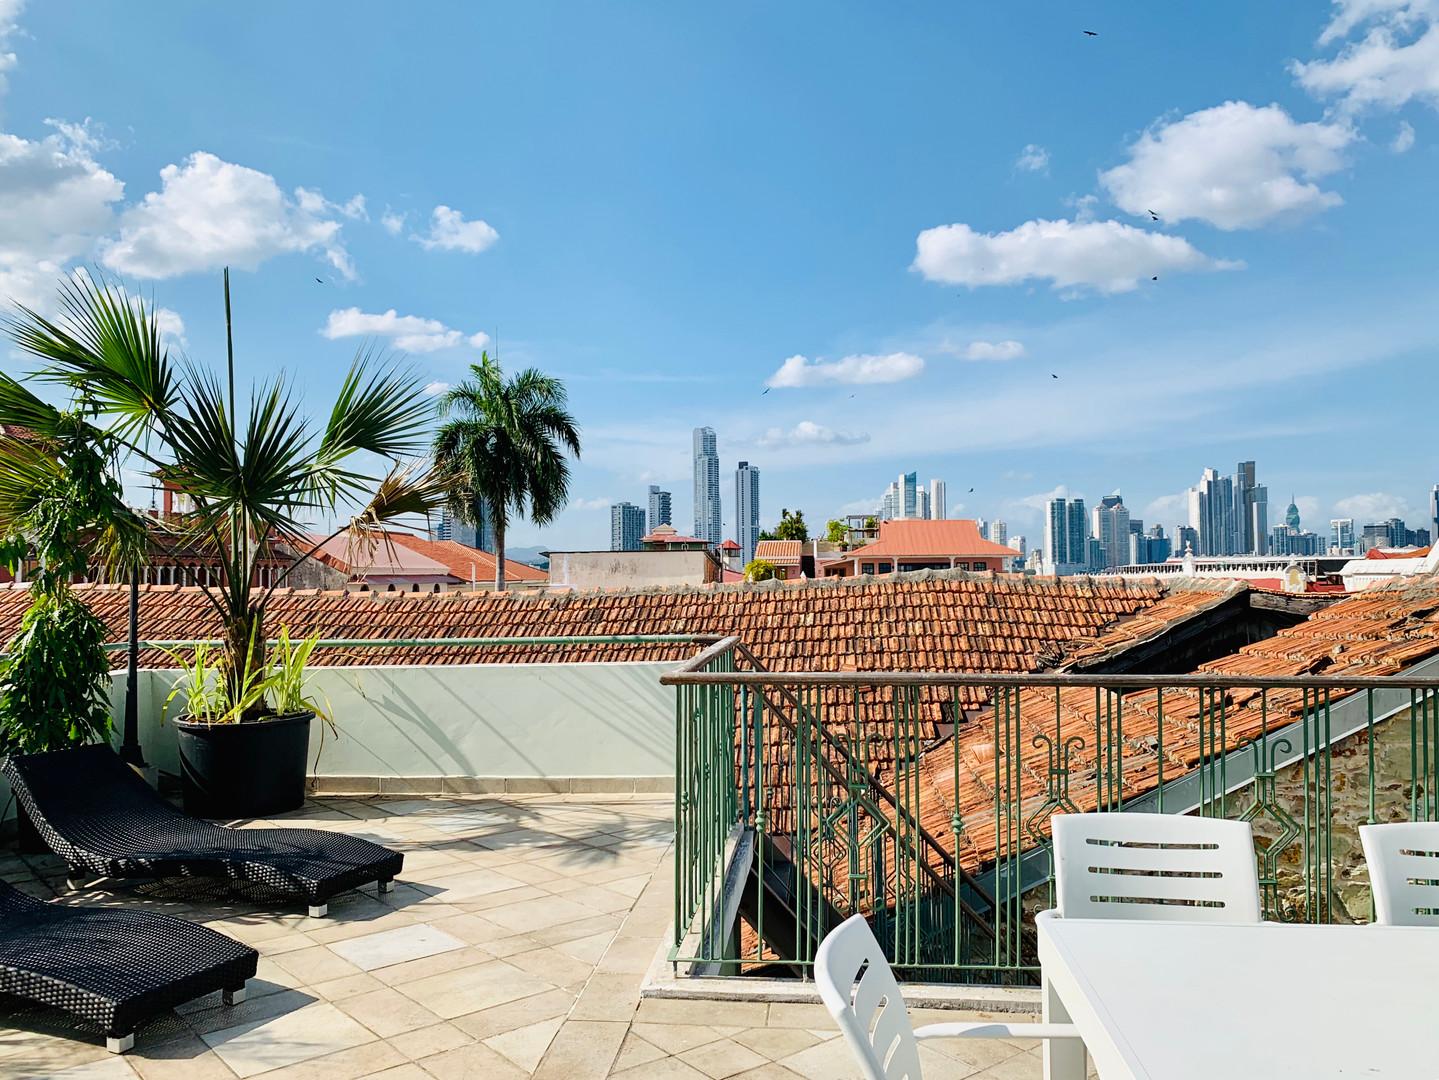 rooftop03.jpg